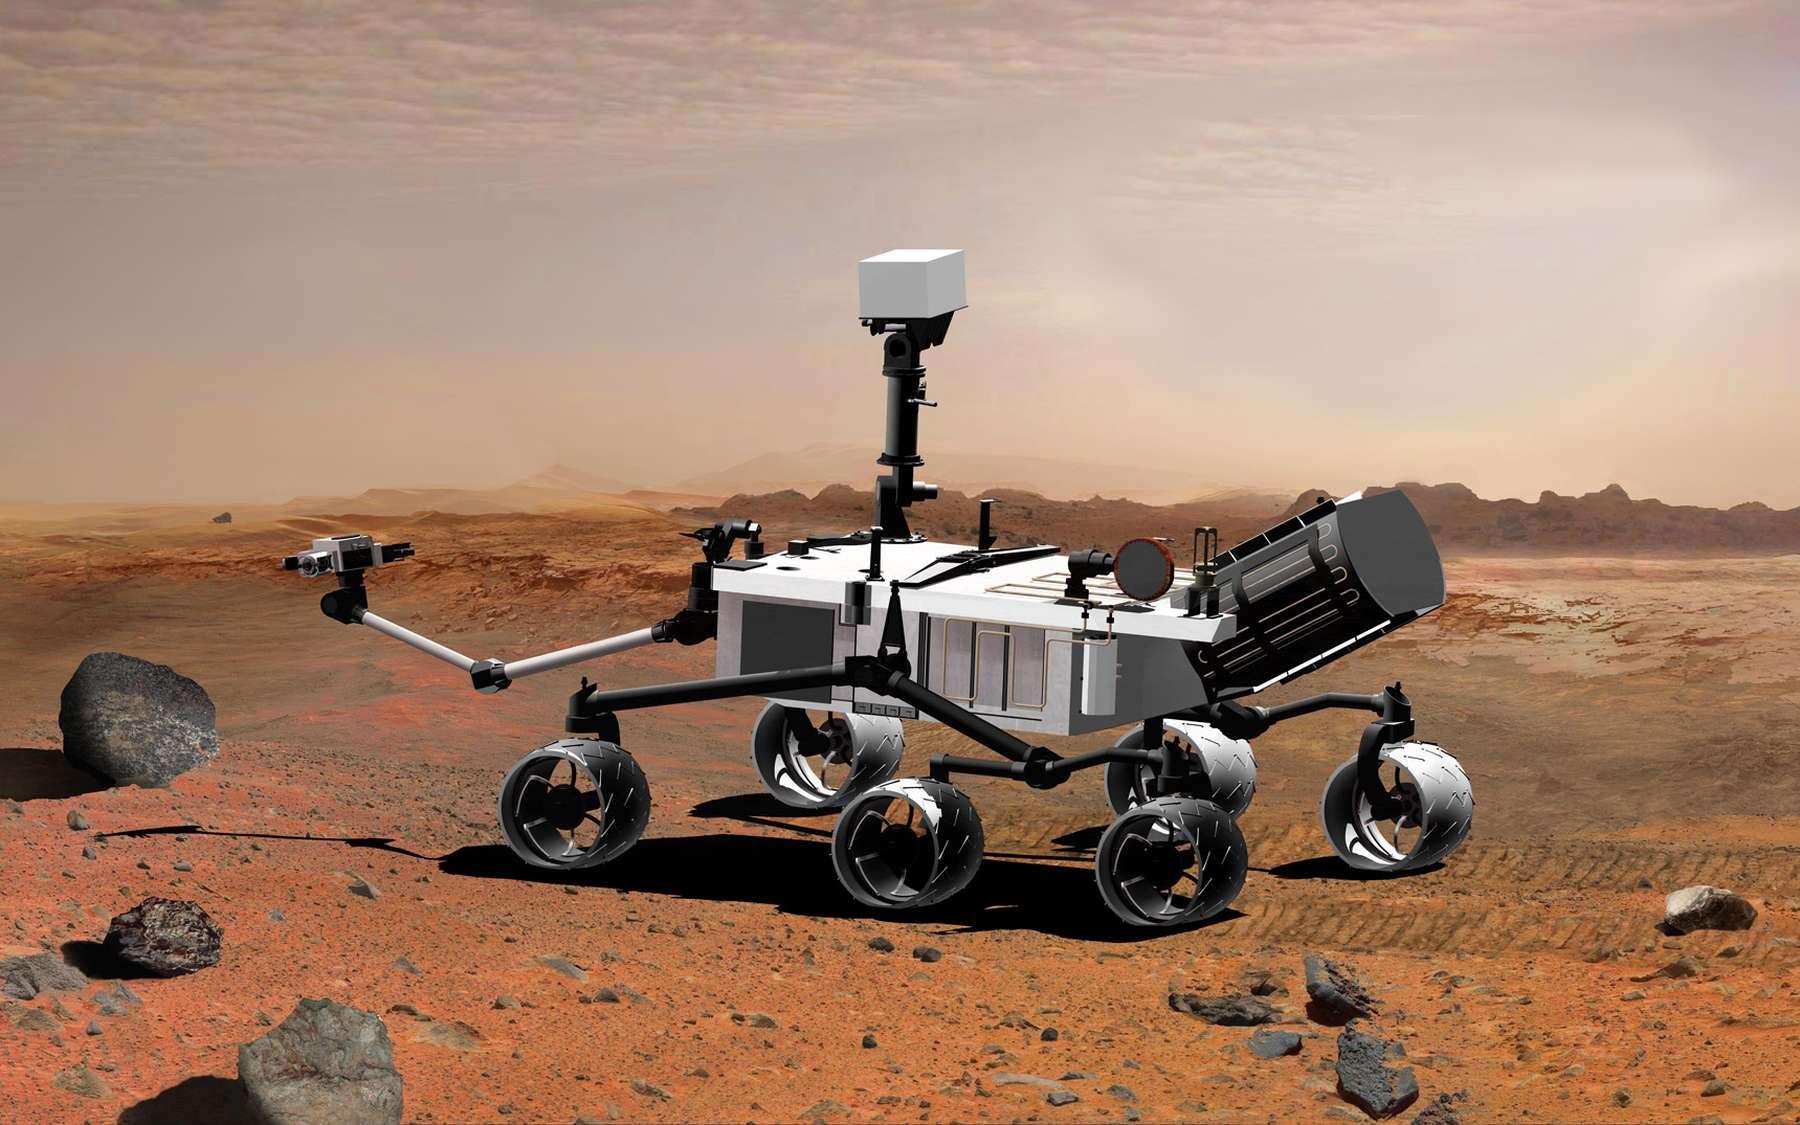 Avec Curiosity (ici à l'image) et ExoMars 2018, la Nasa et l'Esa ouvrent la voie à une nouvelle étape de l'exploration avec des missions plus longues pour l'américaine et plus audacieuses dans leur façon de travailler. Avec l'arrivée de nouvelles idées, la durée de vie et les capacités de franchissement sont deux contraintes qui vont s'estomper progressivement. © Nasa